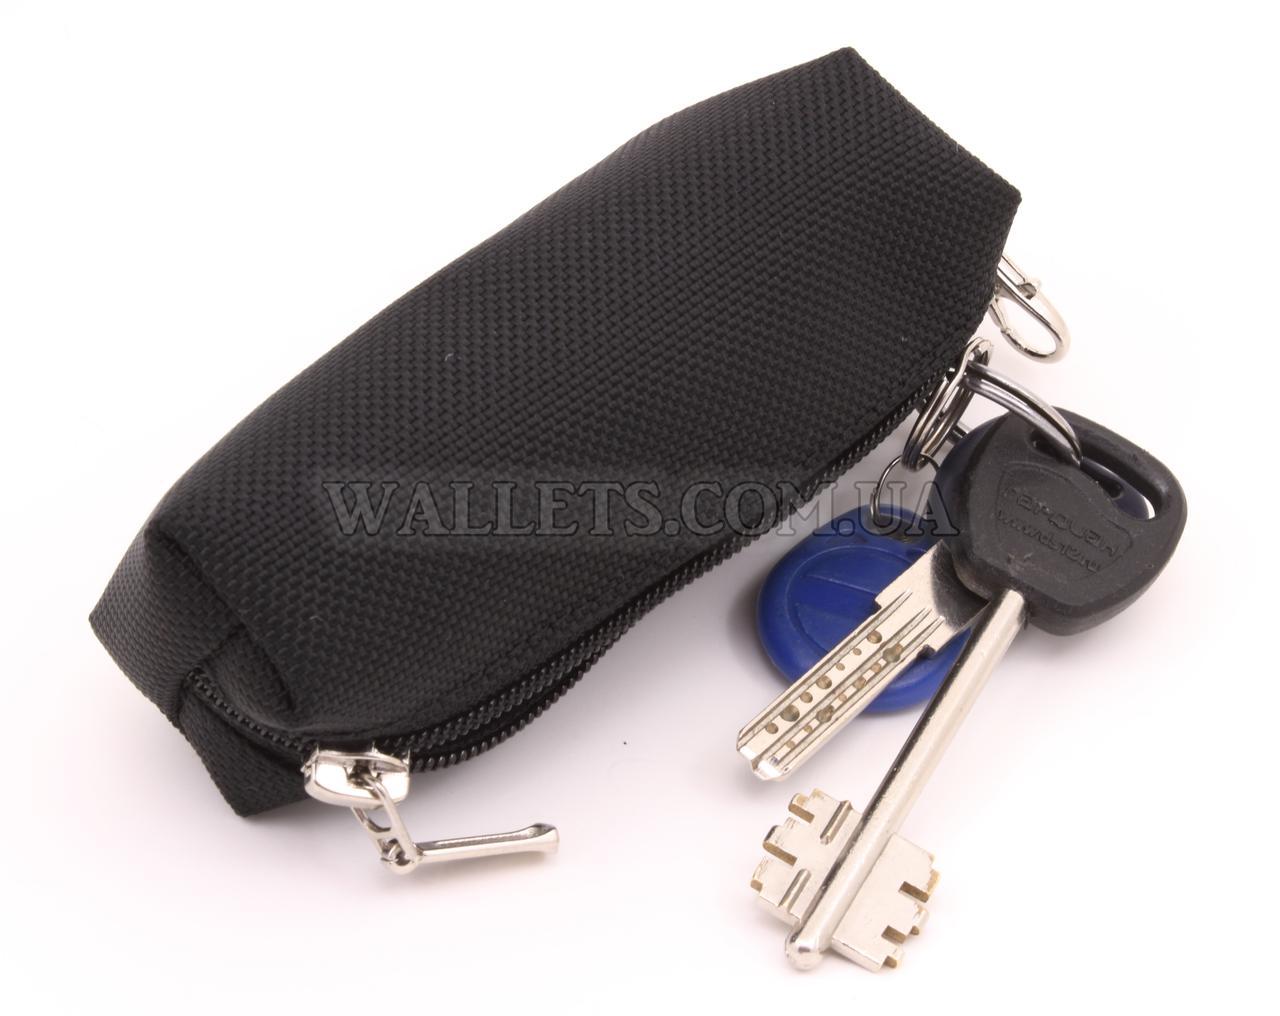 Ключниця маленька на одній блискавці, чорна, тканина (оксфорд)